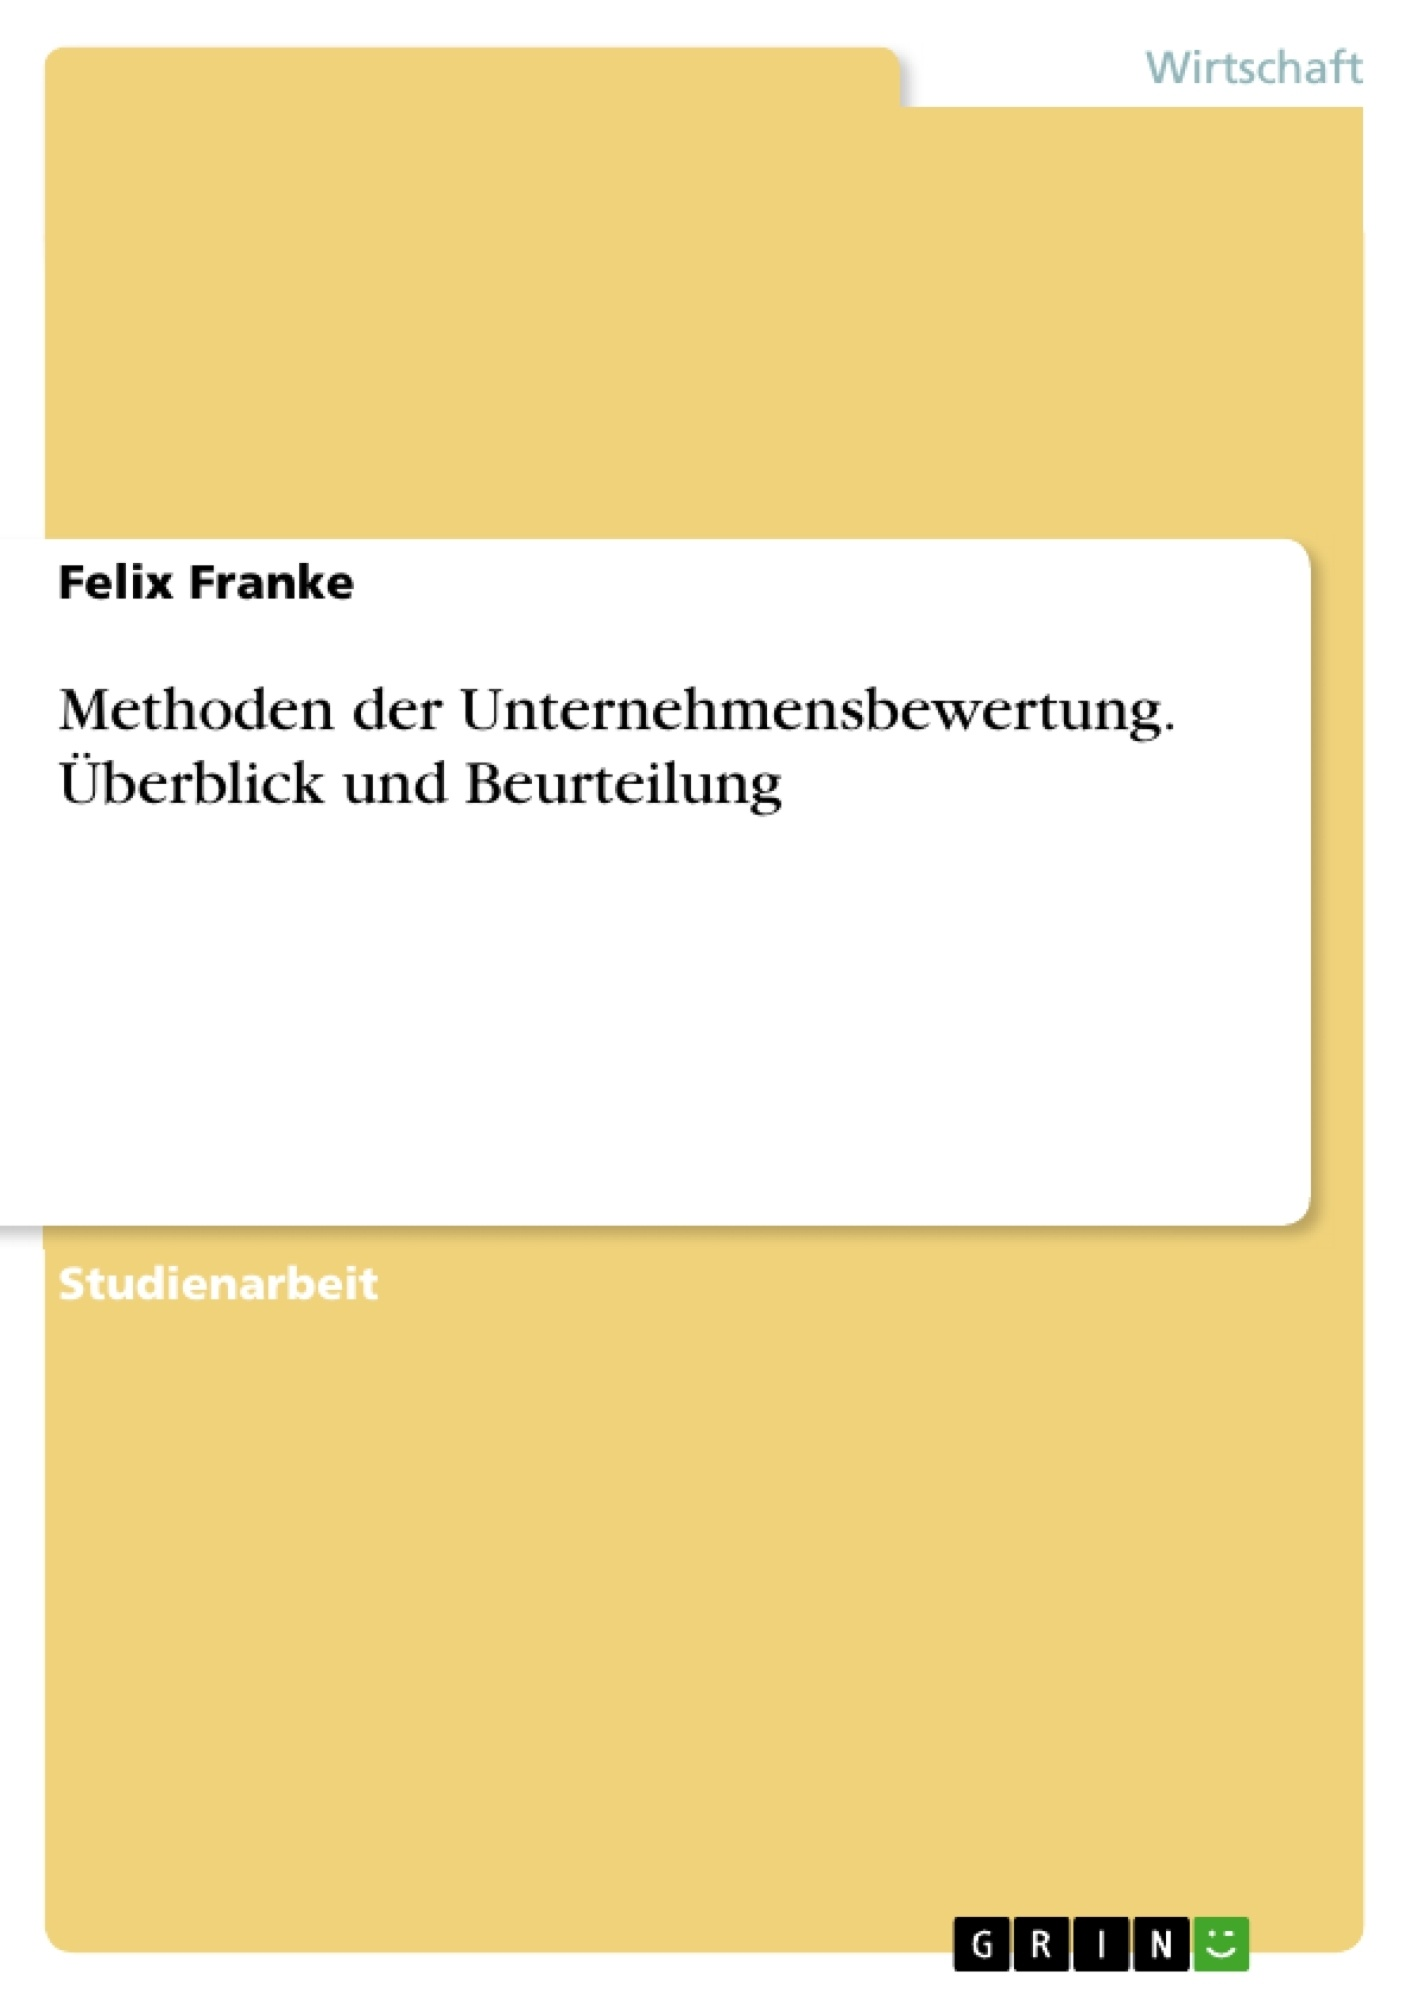 Titel: Methoden der Unternehmensbewertung. Überblick und Beurteilung